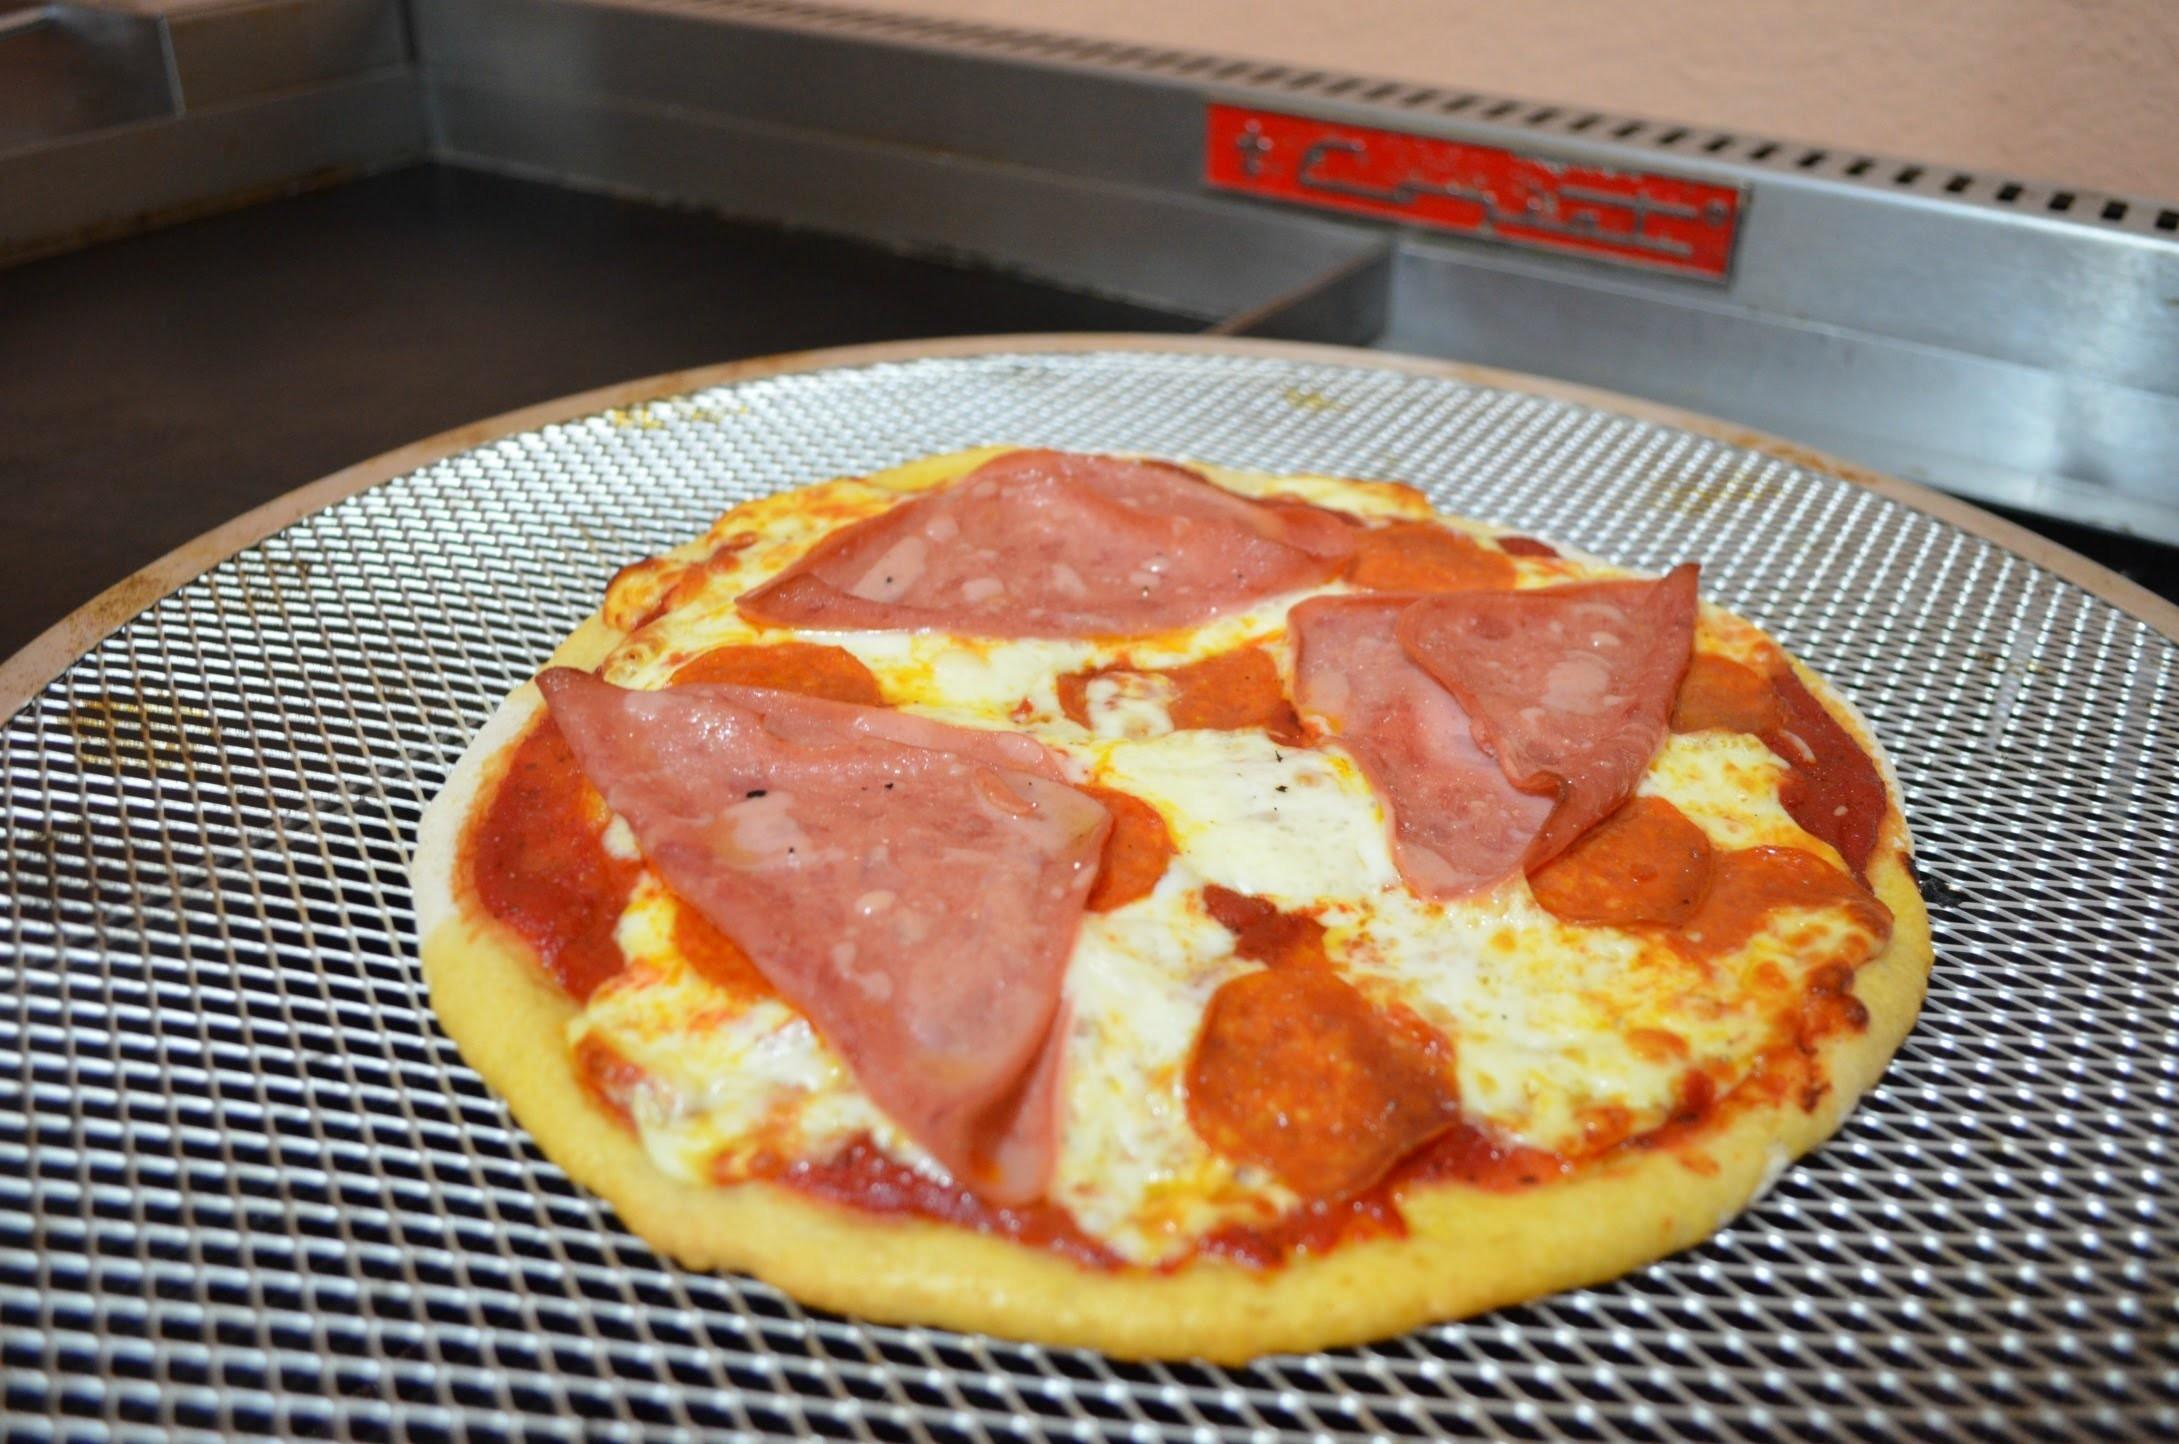 Cómo hacer pizza  - Recetas de cocina - CHUCHEMAN1 - 2013